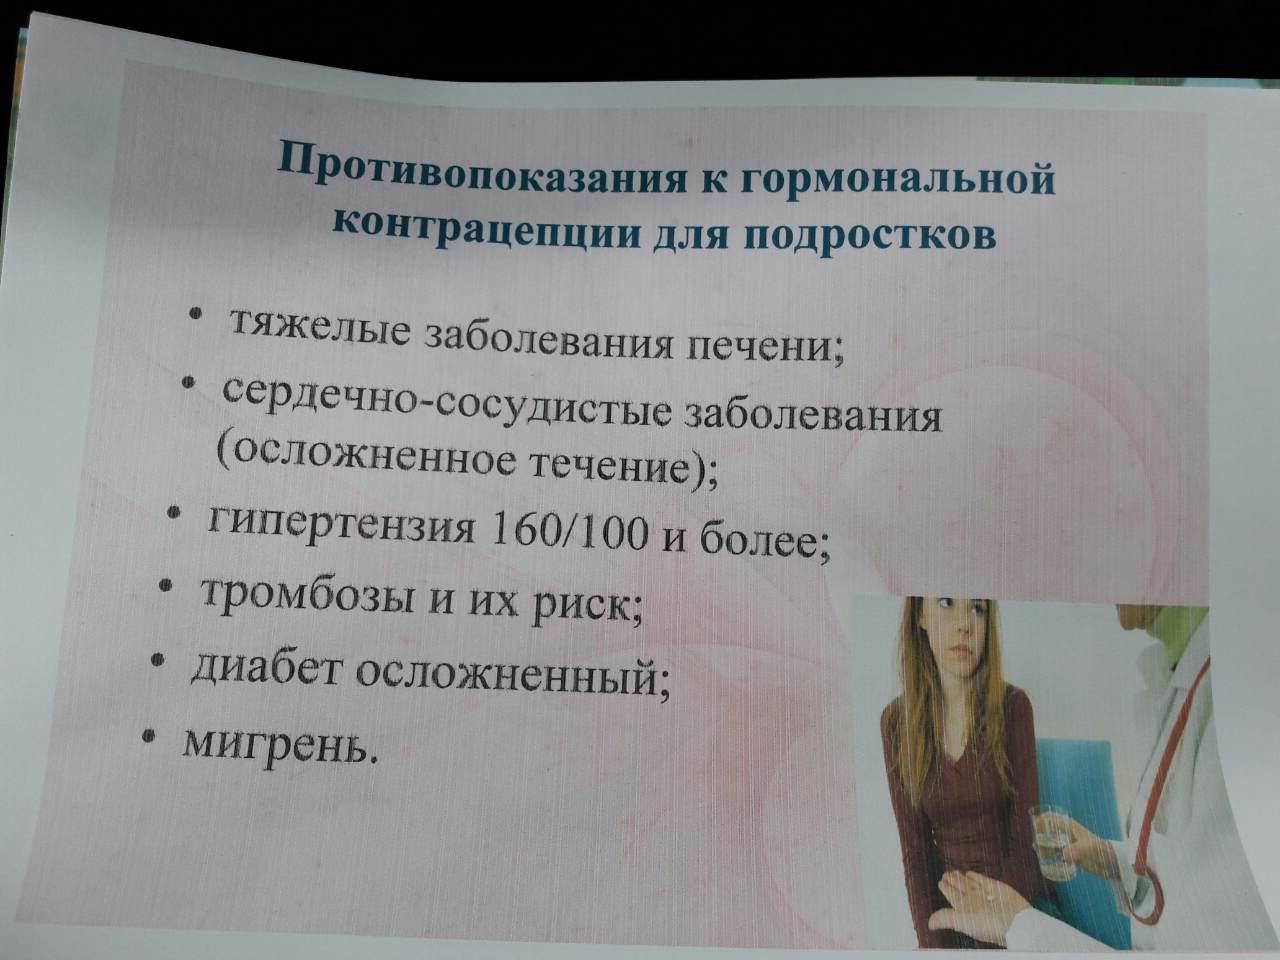 «Основы репродуктивного здоровья» - забота о подростках или реклама ОГК?